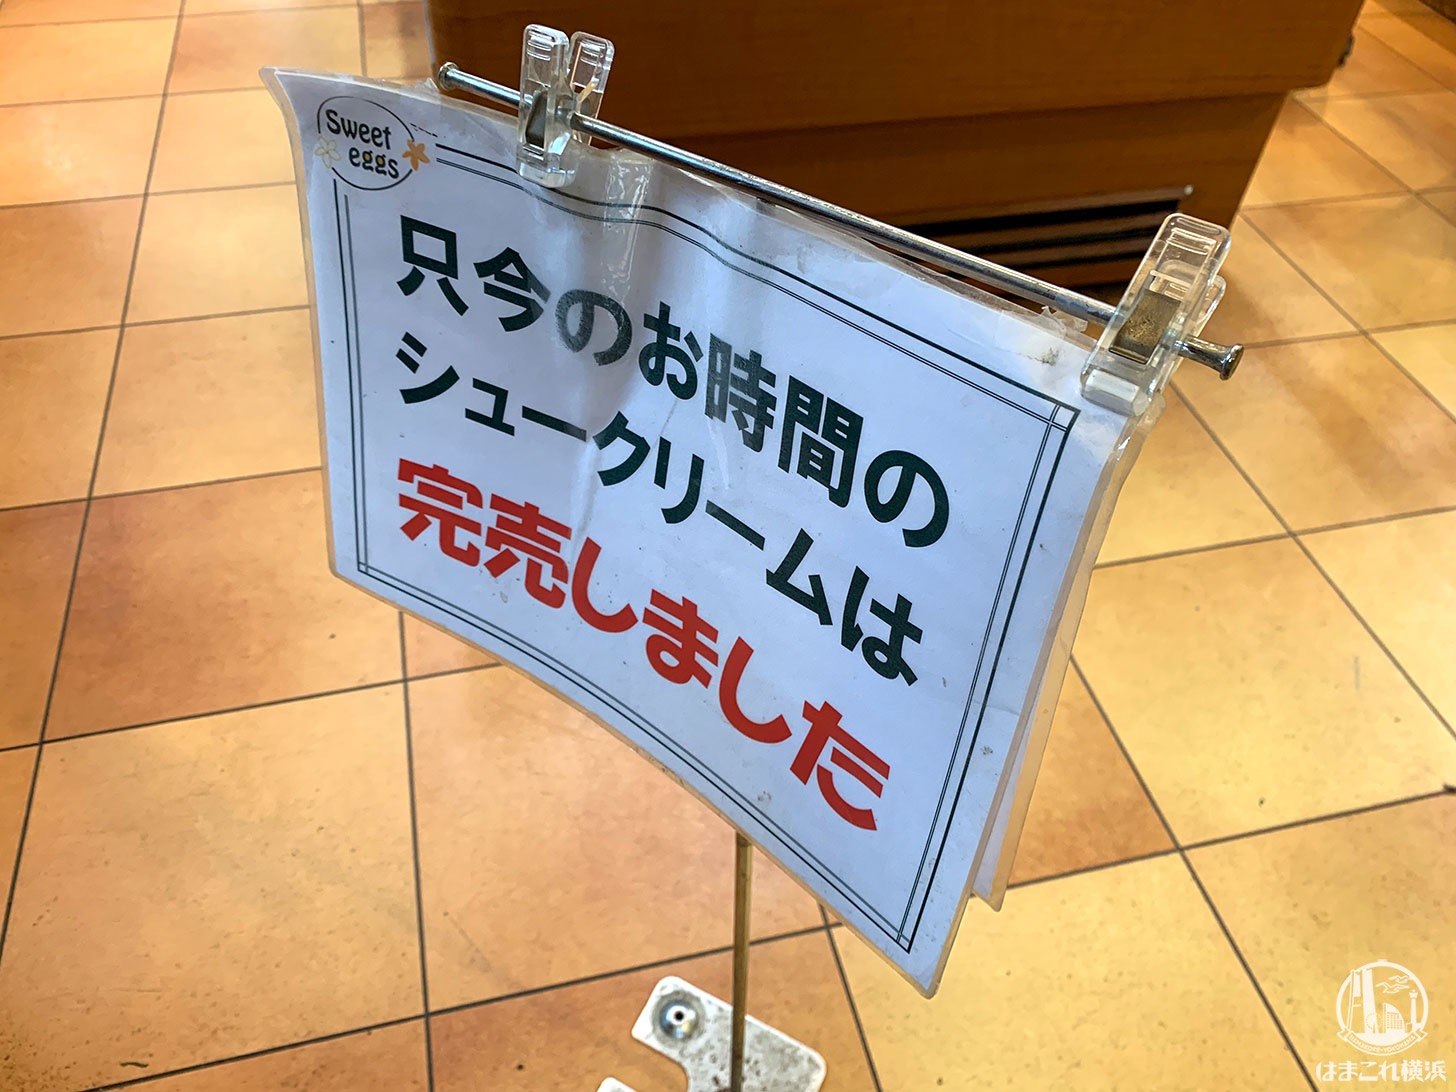 シュークリーム完売の知らせ